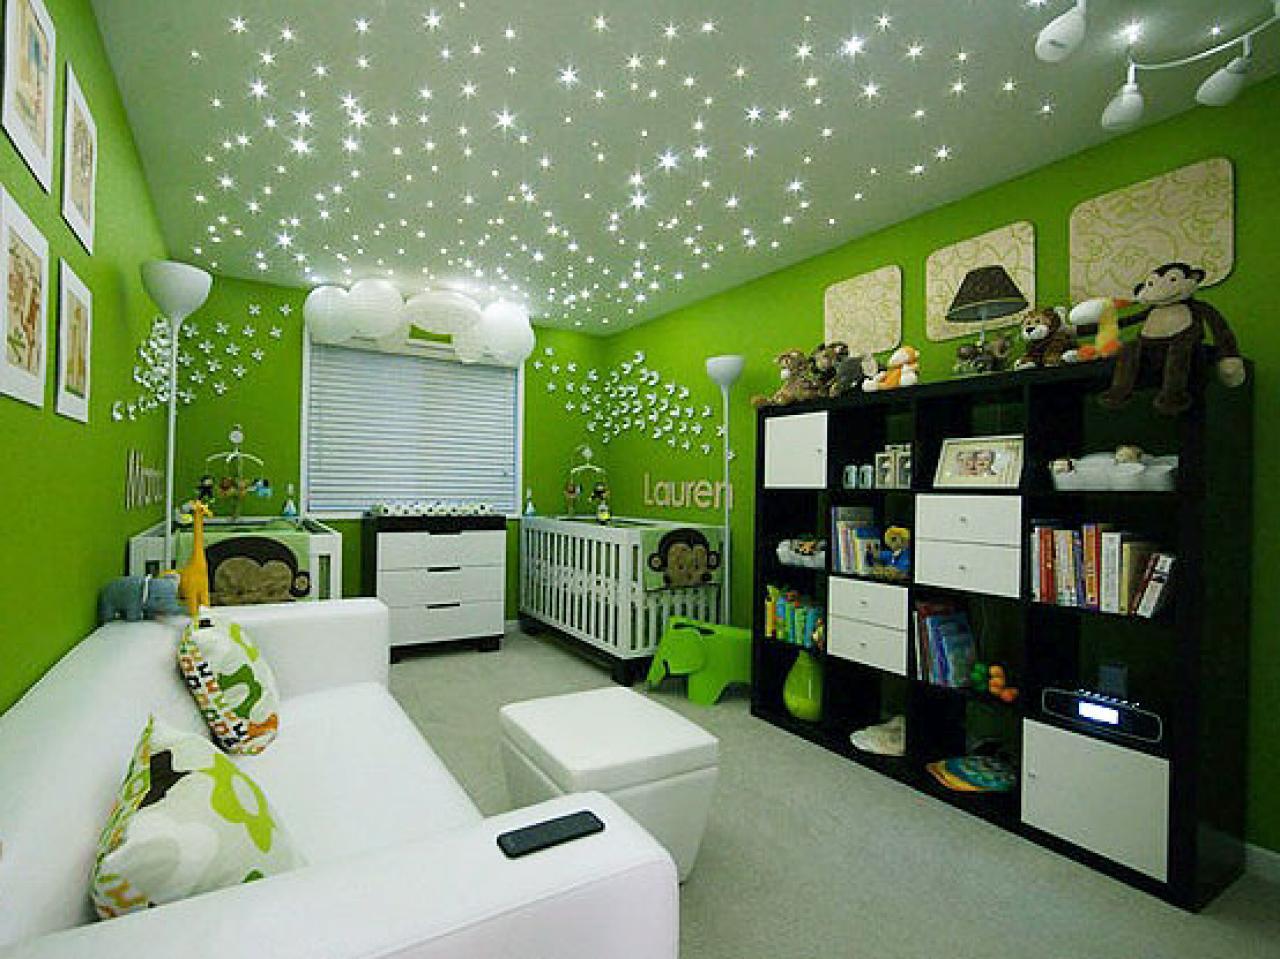 Adorable Children S Room Chandelier Kids Bedside Lamps For Rooms Unique Childrens Interior Design Center Inspiration